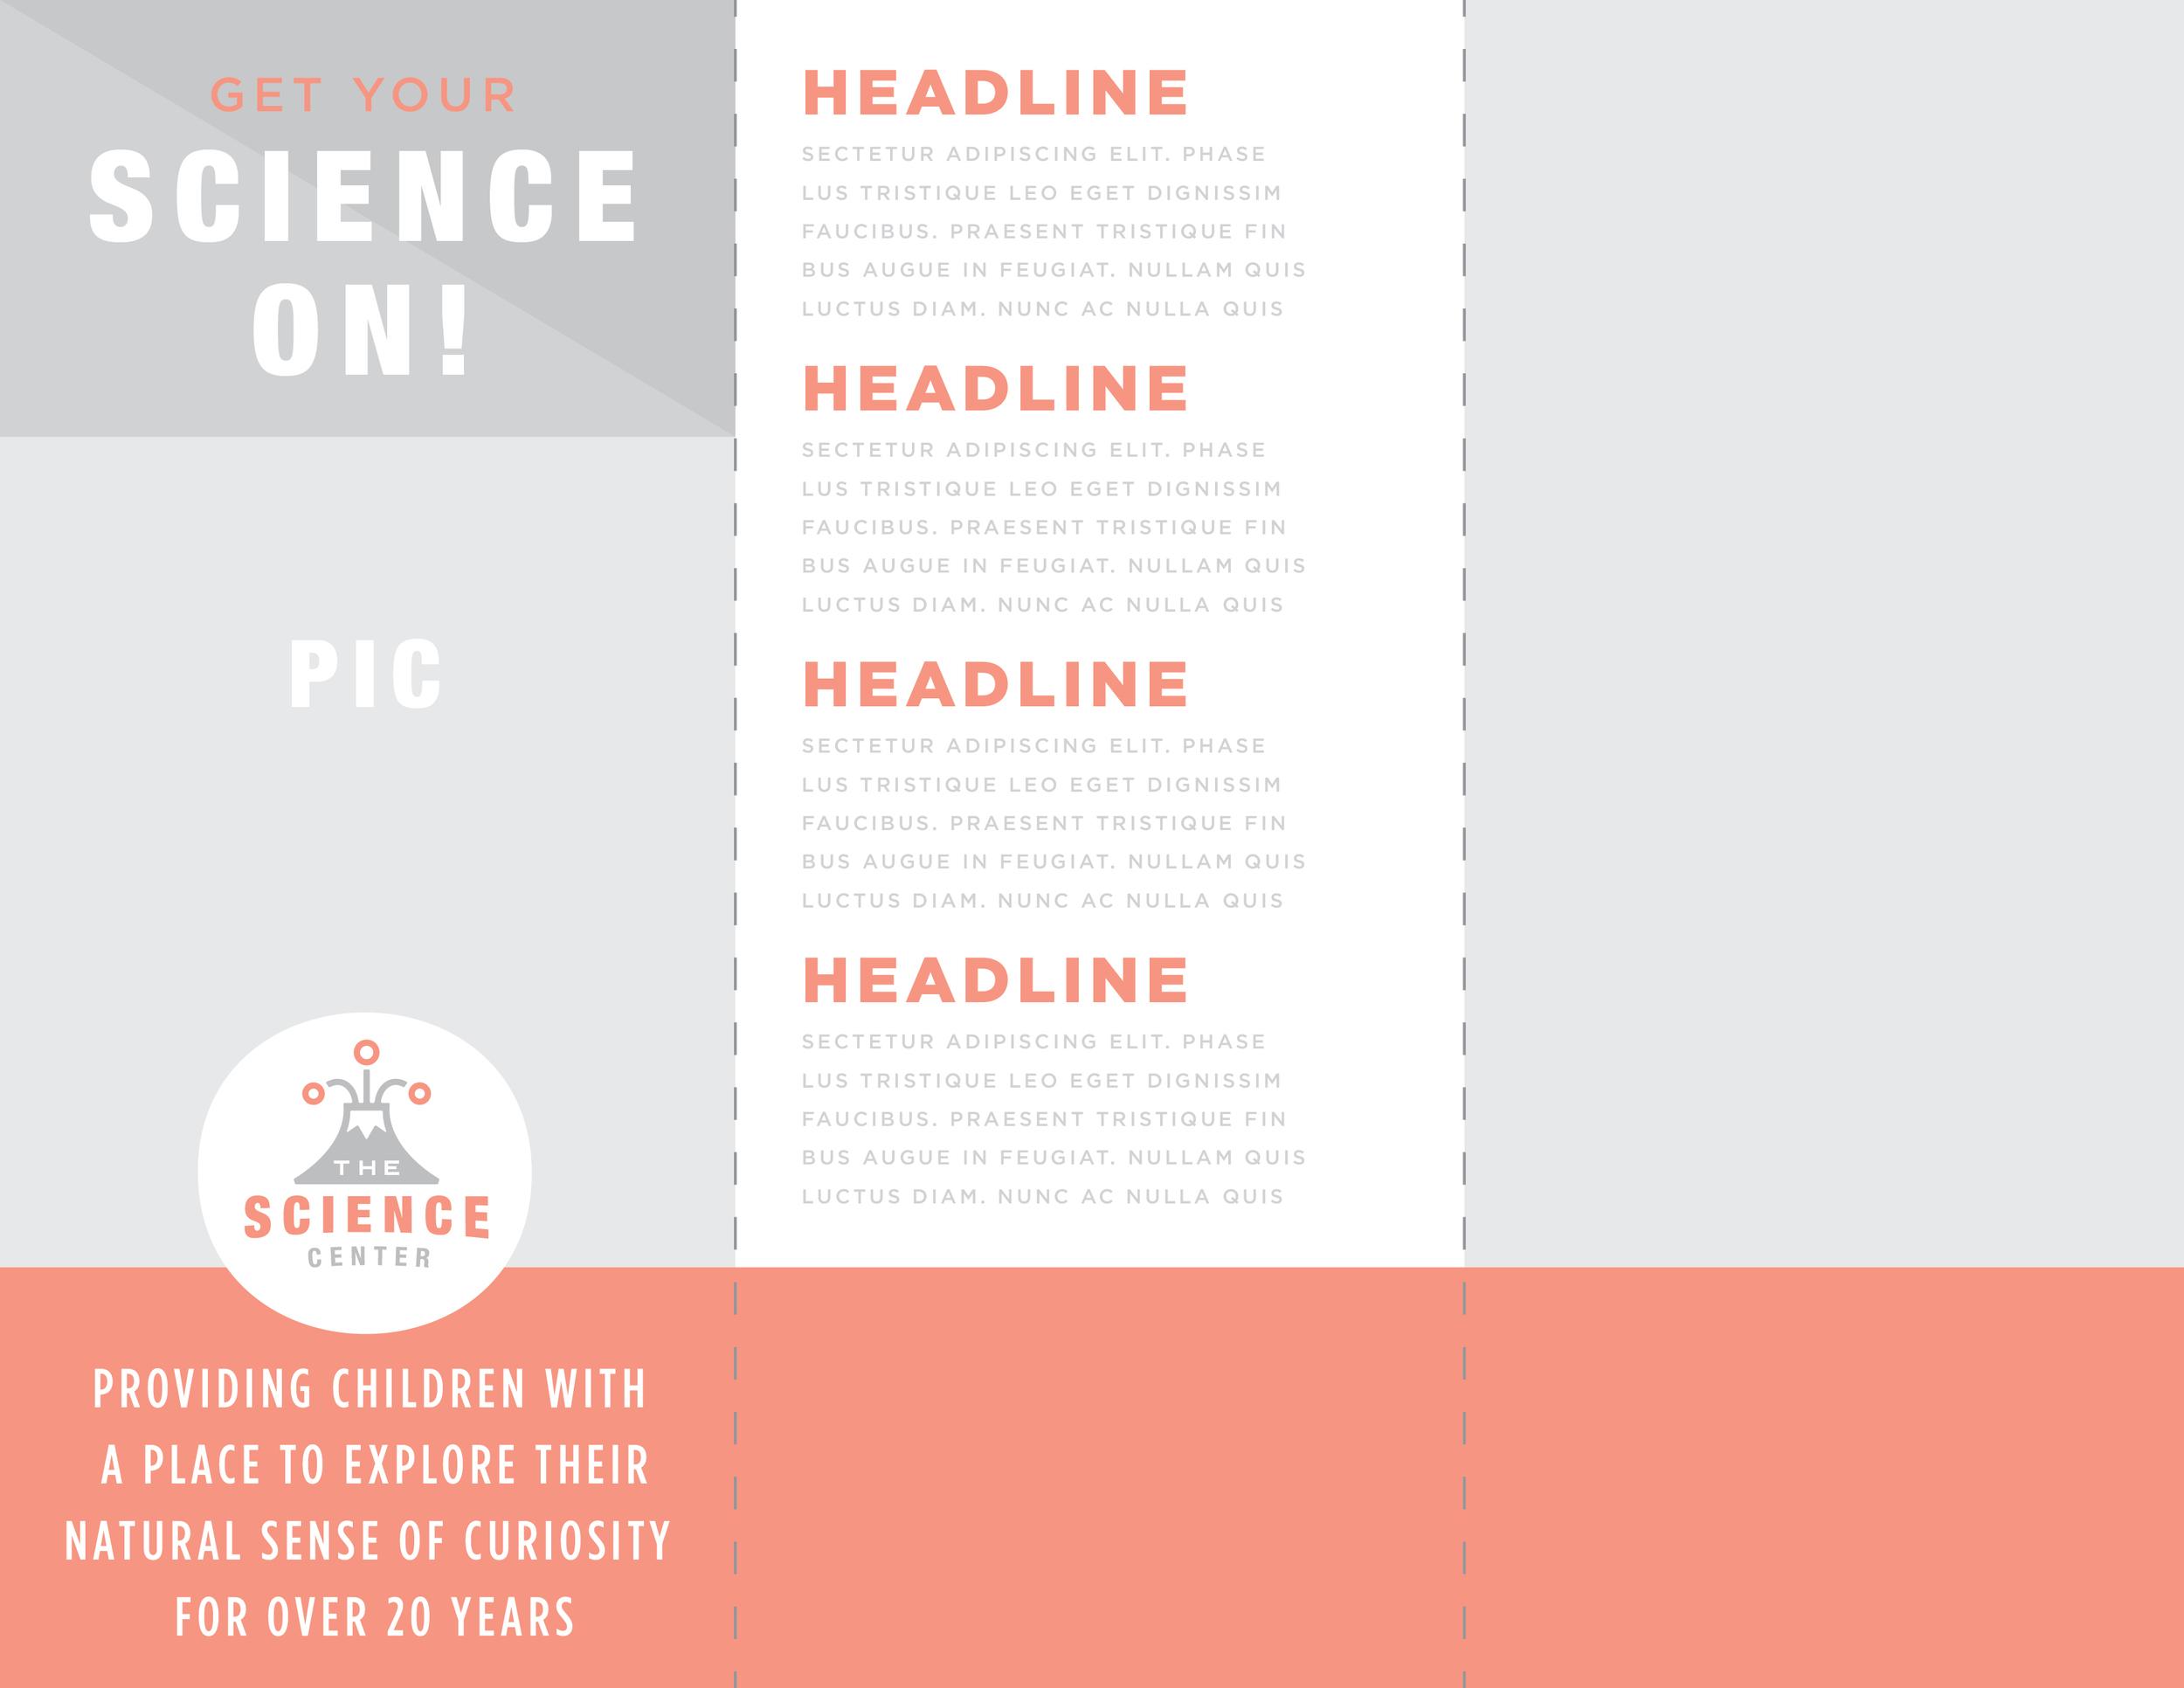 ScienceCenter_BrochureTemplate-01.jpg